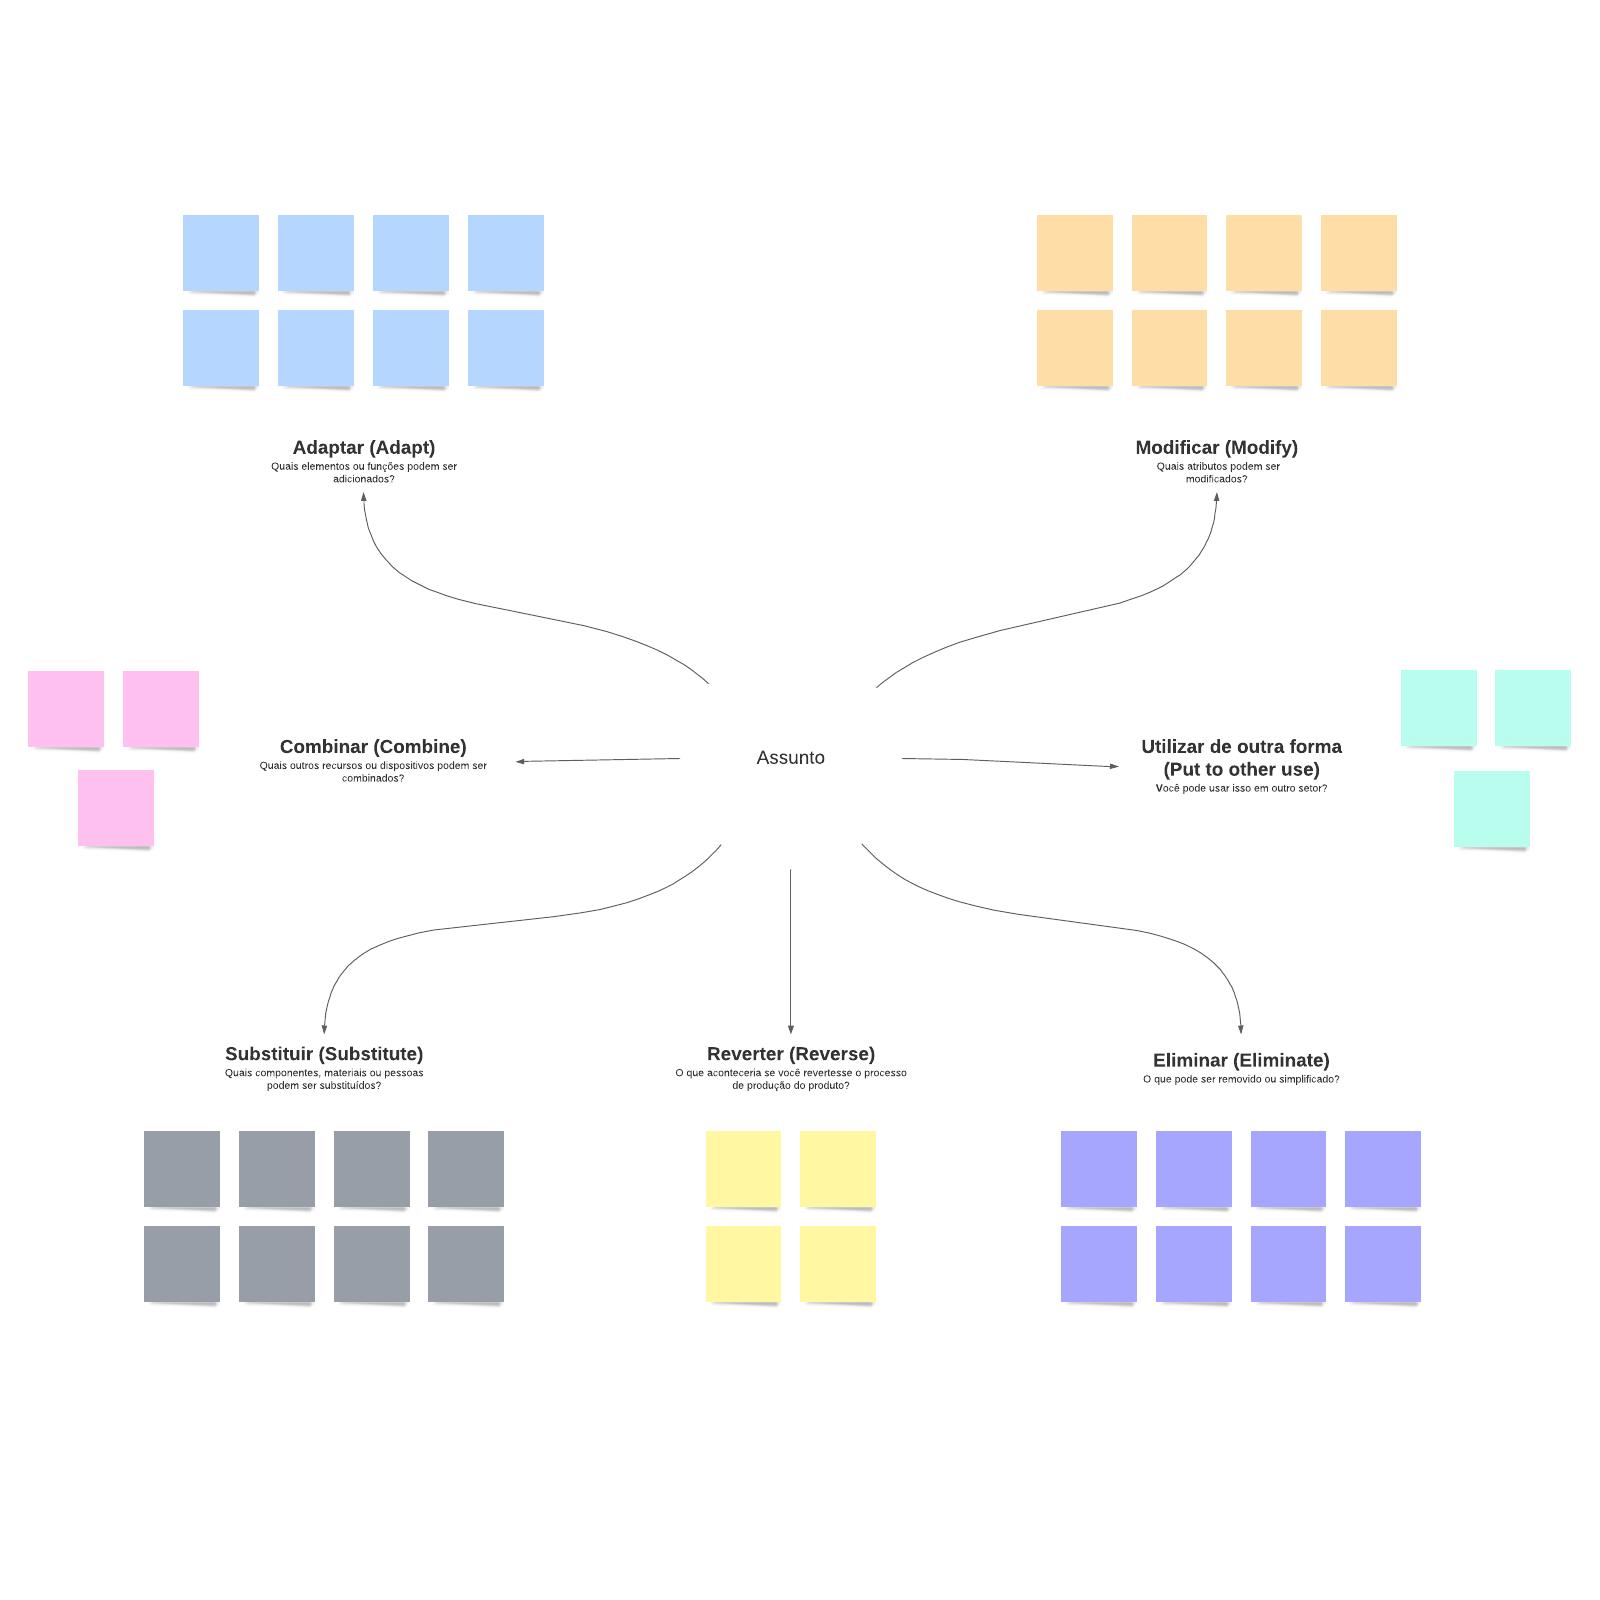 Estrutura de Scamper